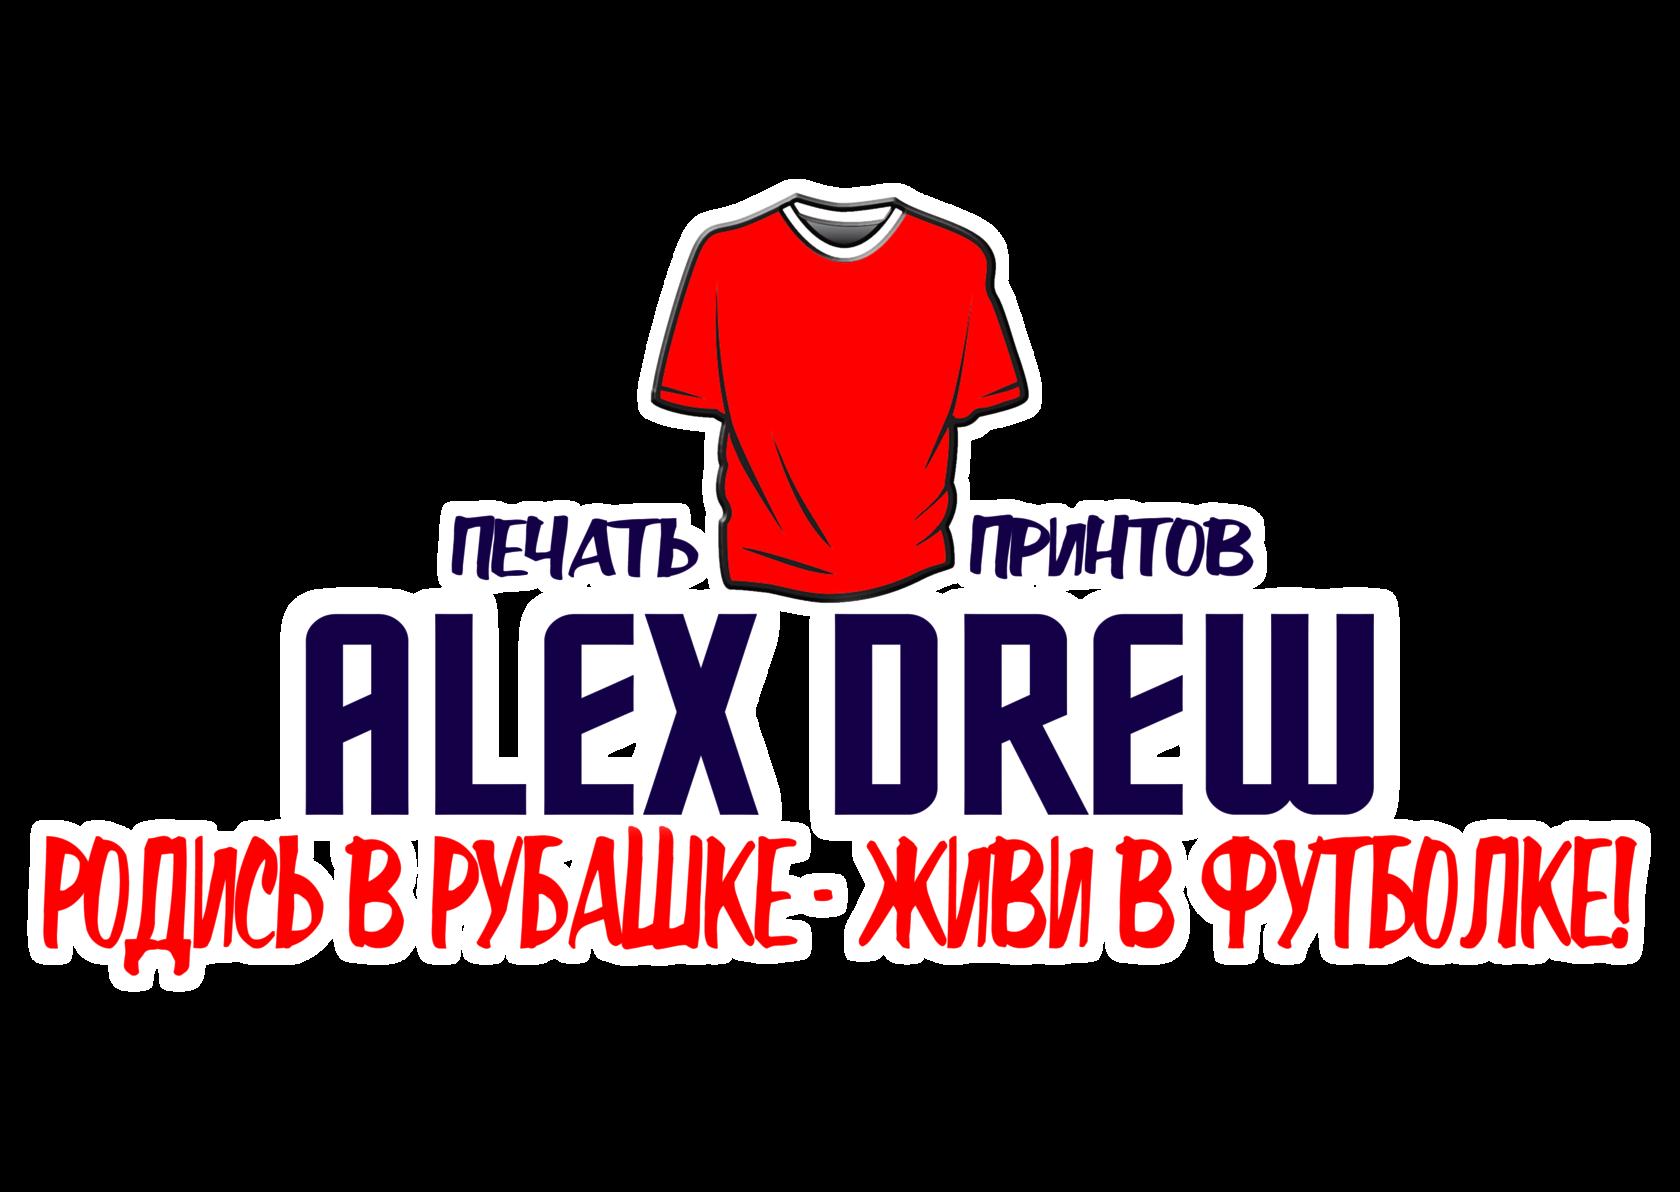 Alex Drew